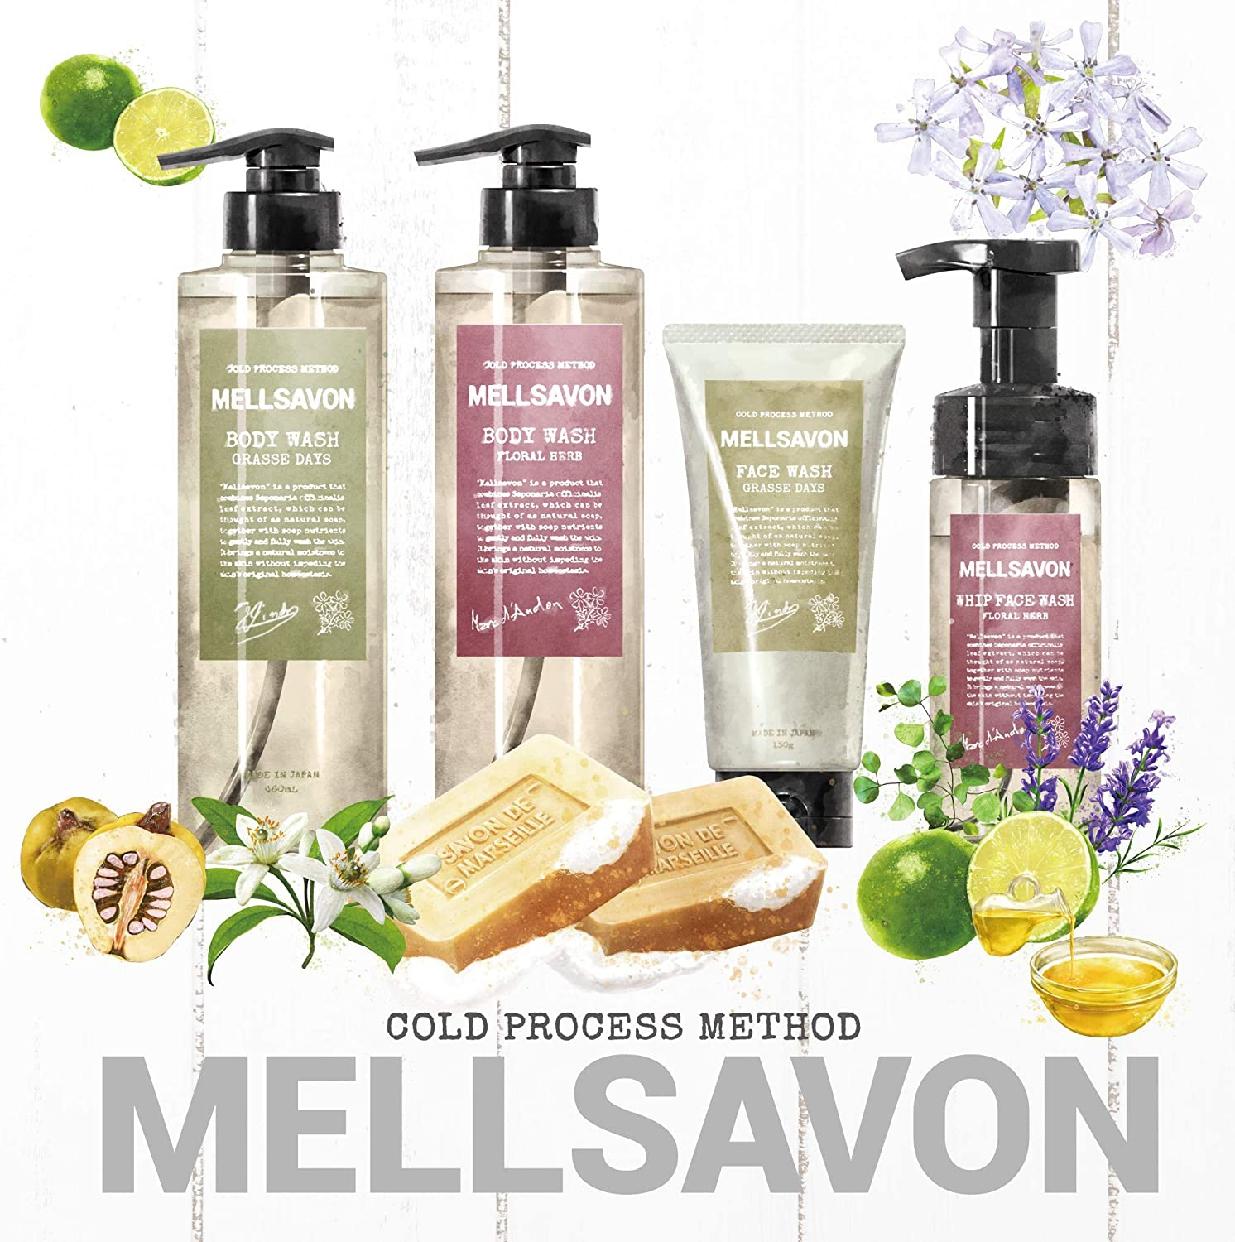 MELLSAVON(メルサボン)ボディウォッシュの商品画像6